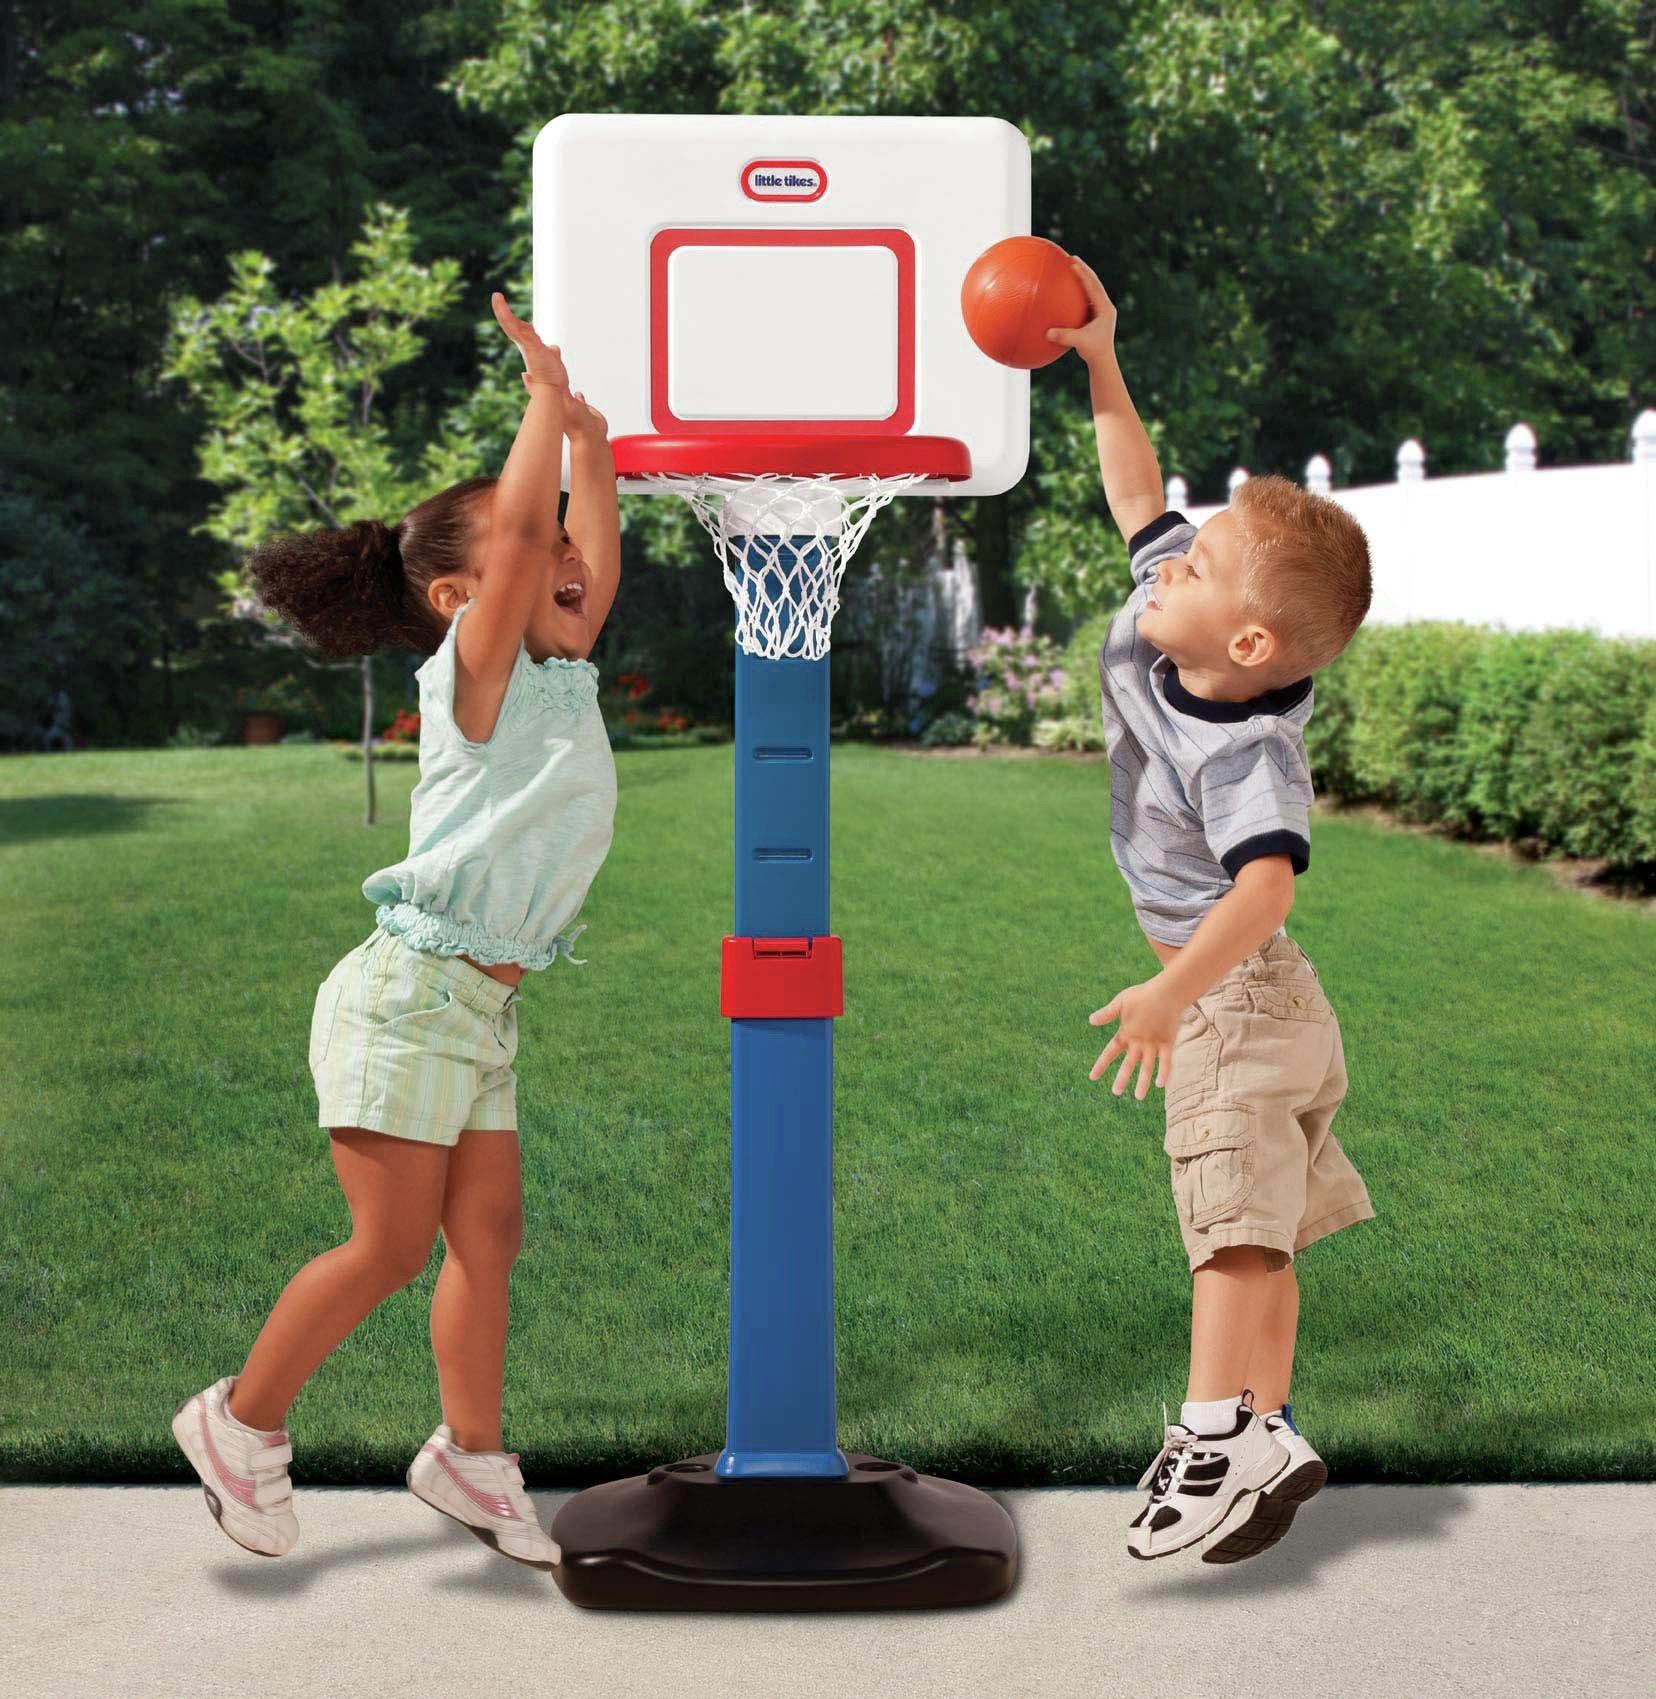 Little Tikes Easy Score Basketball Set £29.99 Argos